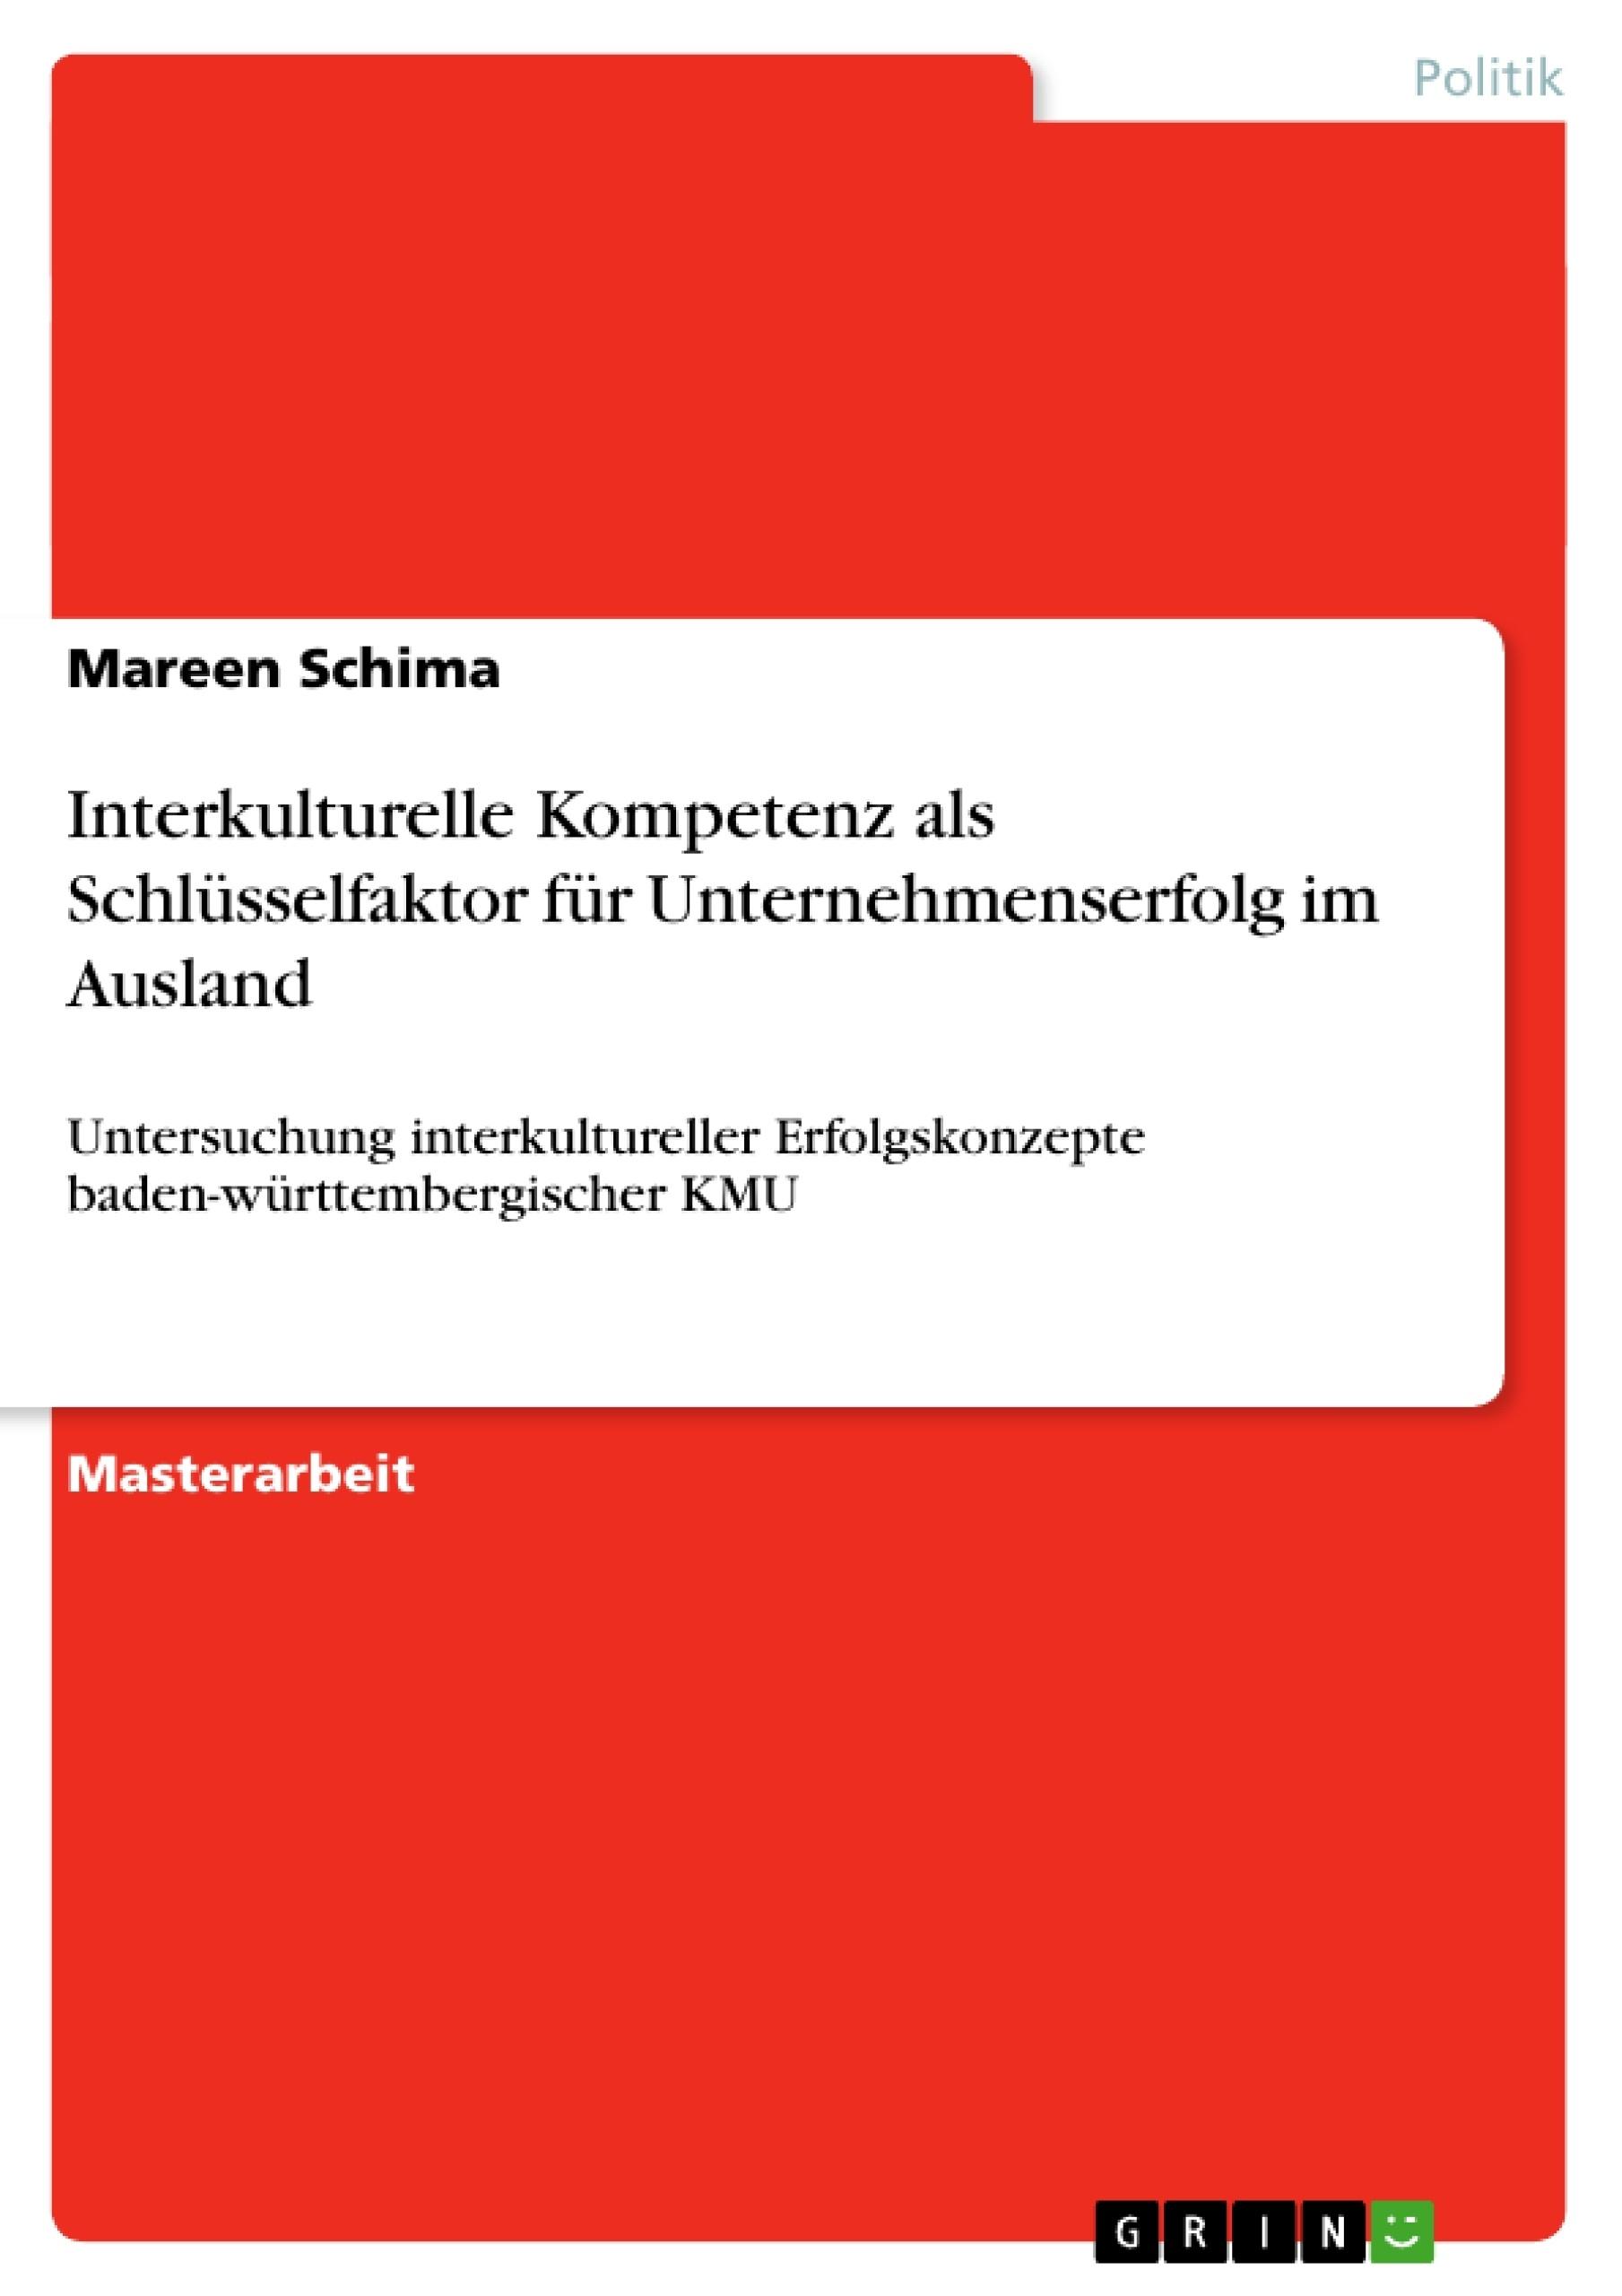 Titel: Interkulturelle Kompetenz als Schlüsselfaktor für Unternehmenserfolg im Ausland